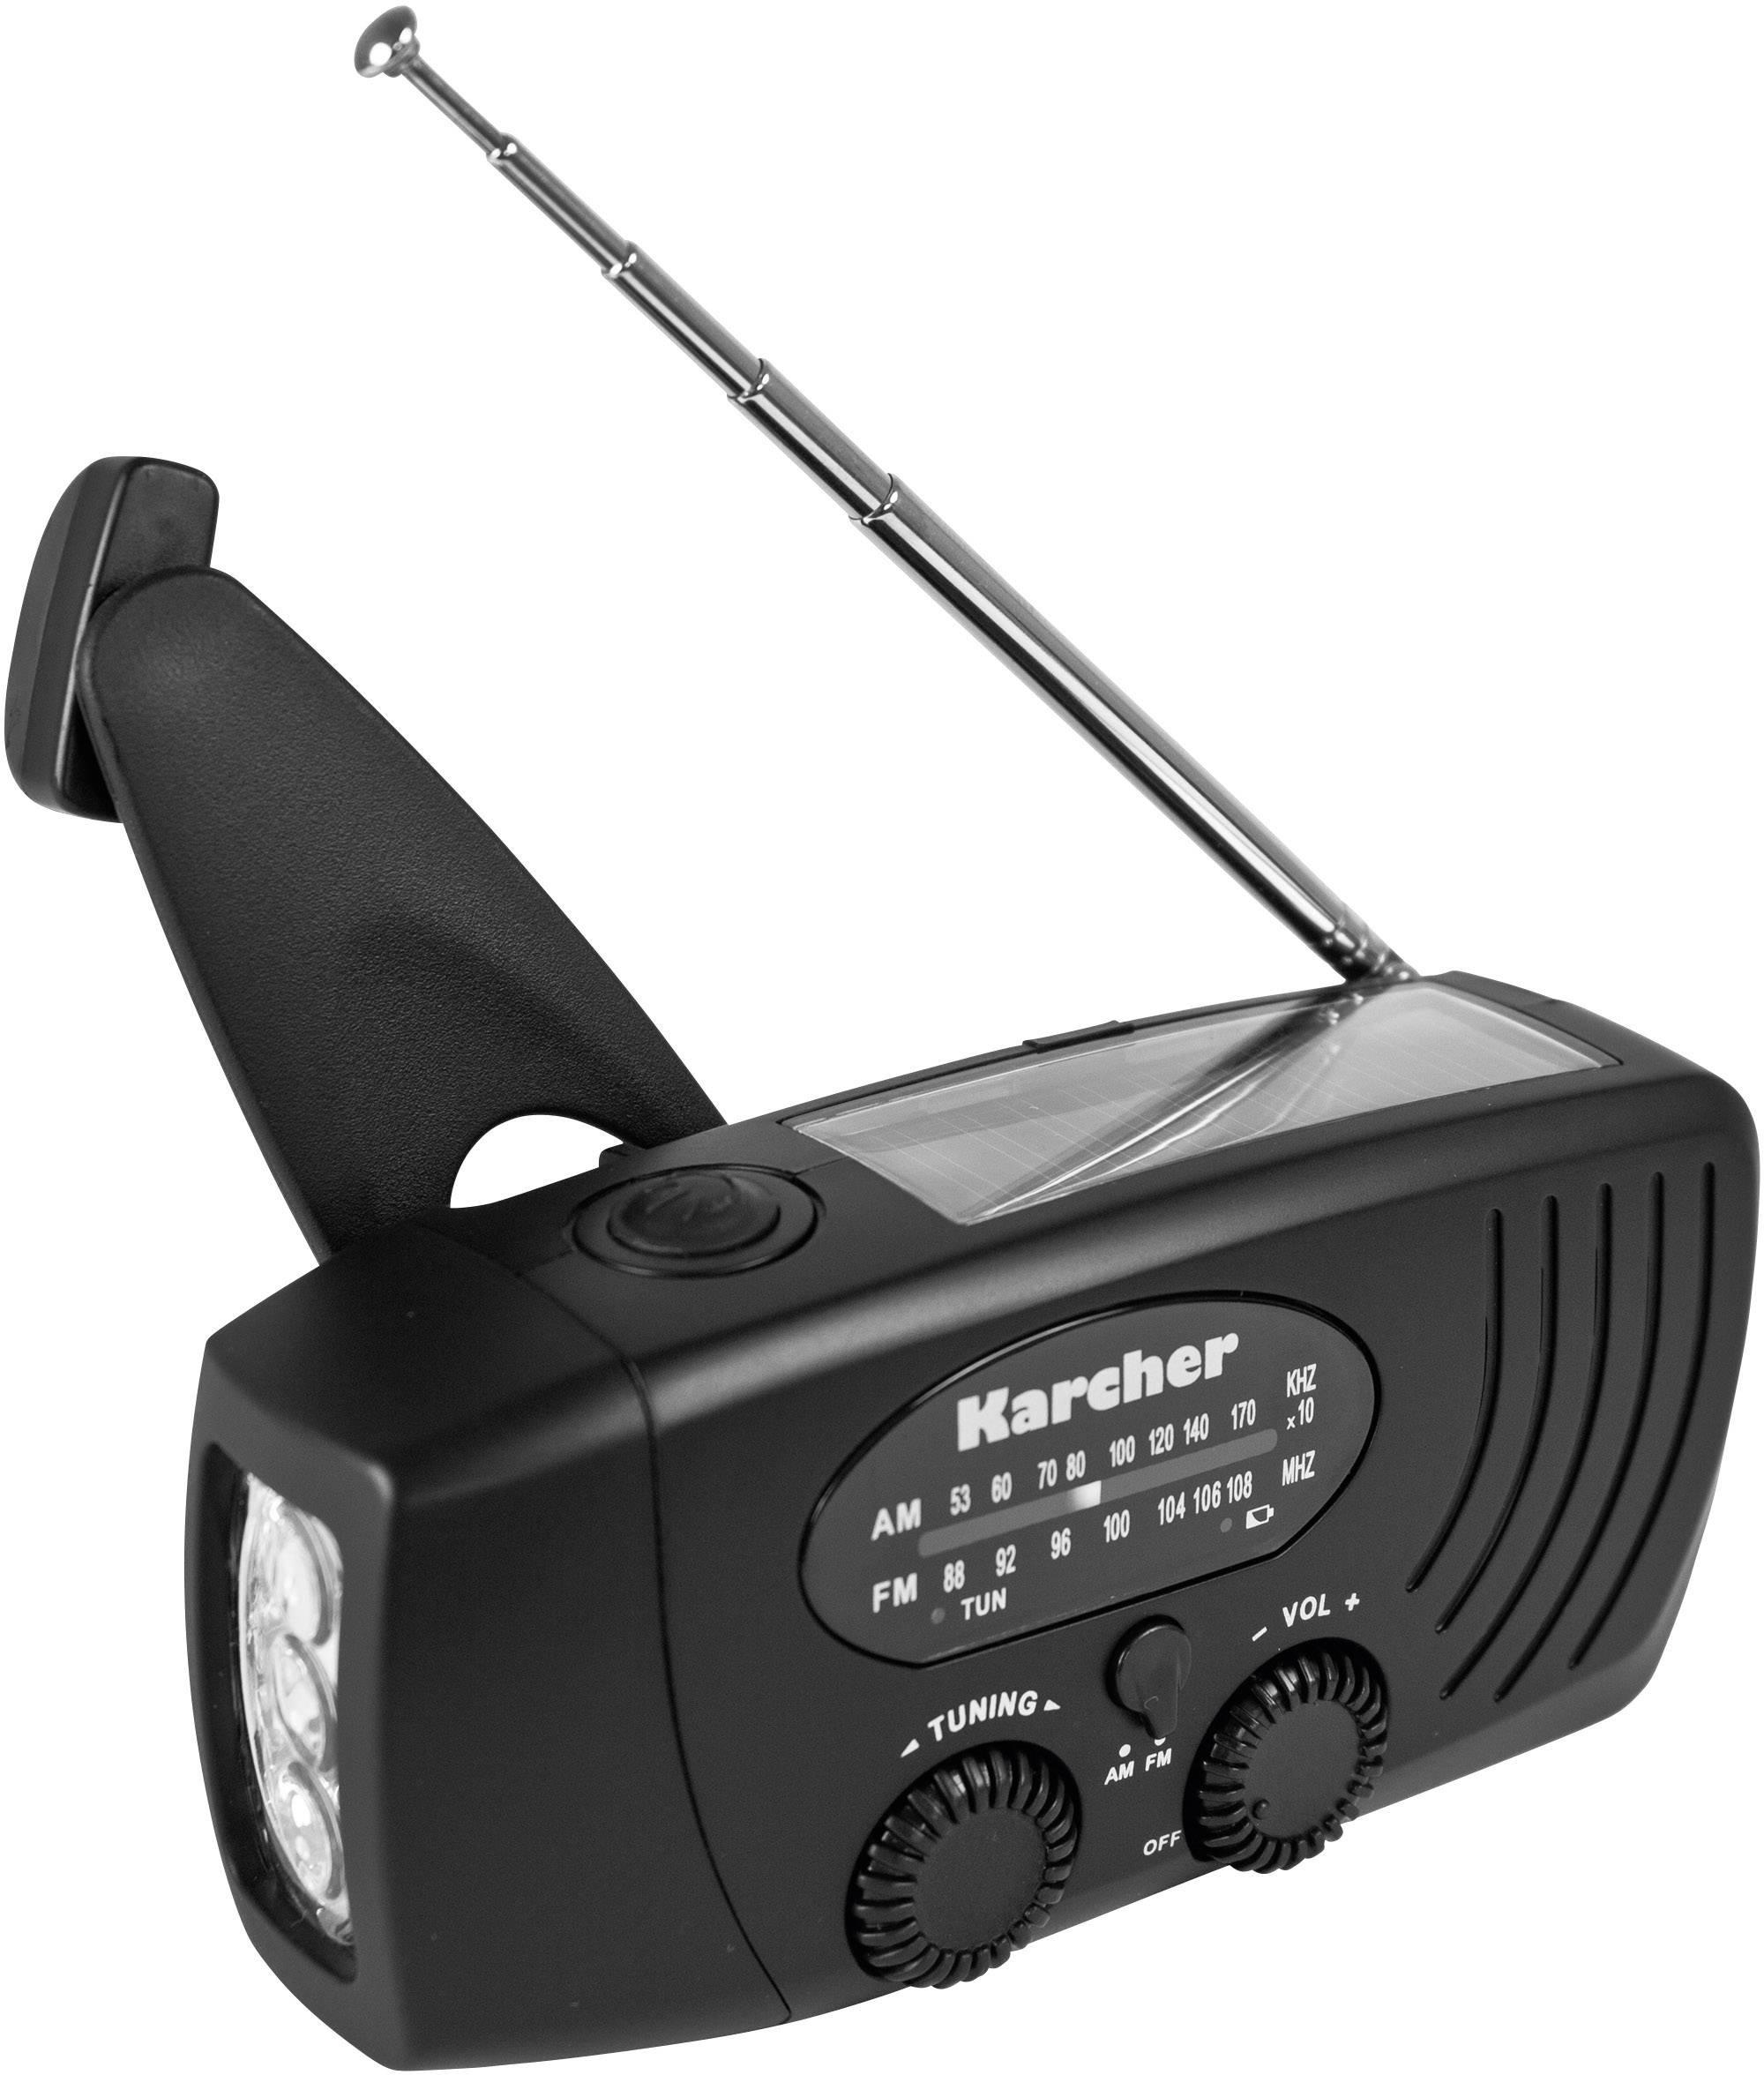 FM outdoorové rádio s lampou Karcher KR 110, čierna